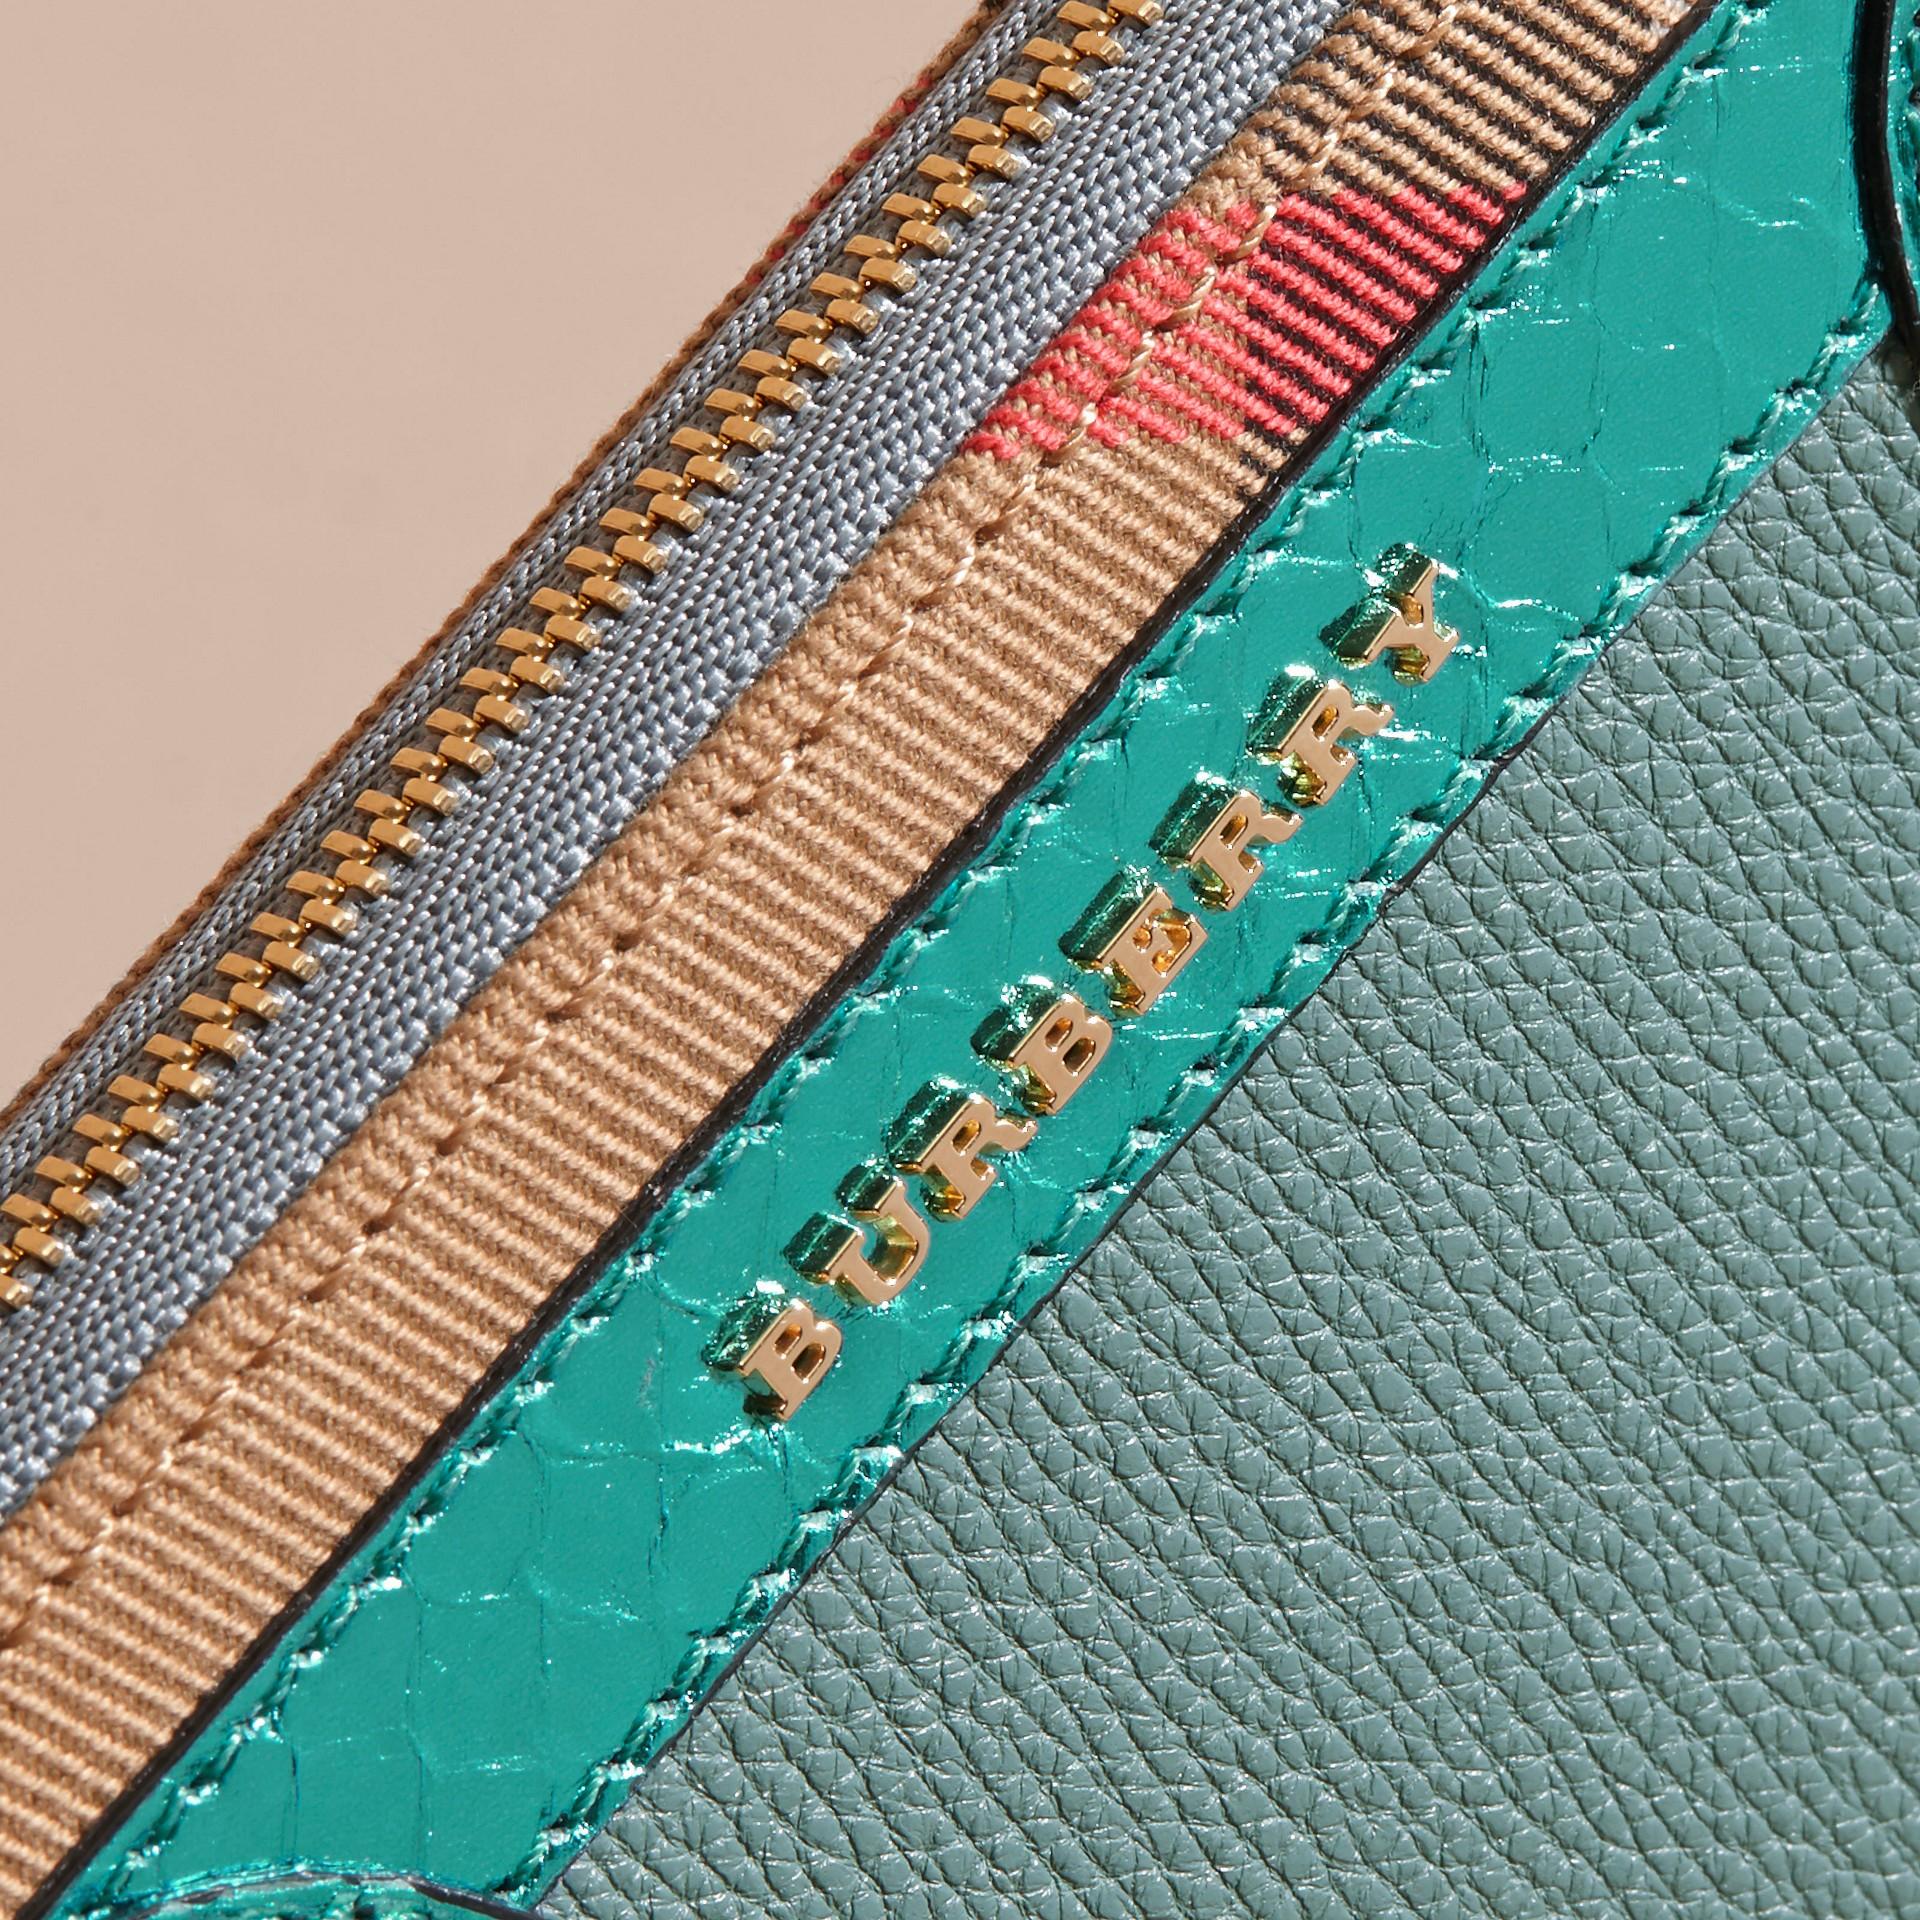 Azul celadón Cartera con cremallera perimetral en piel de serpiente y House Checks Azul Celadón - imagen de la galería 2